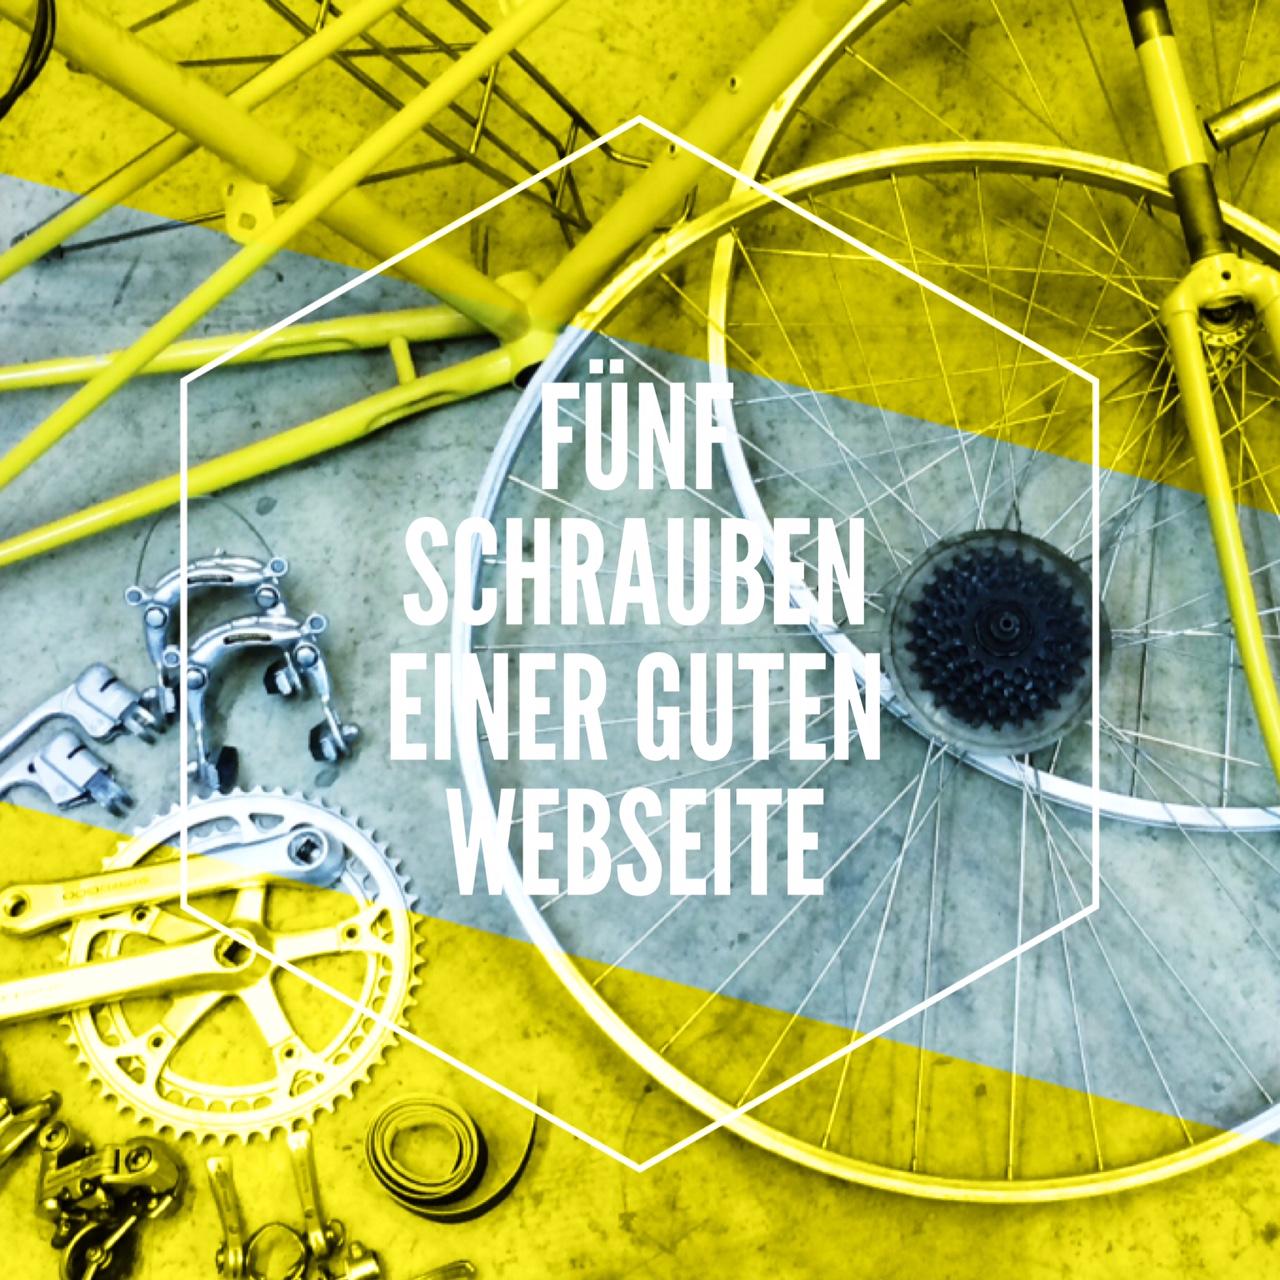 Gewinnt Ihre Webseite Kunden oder im Buzzword-Bingo?